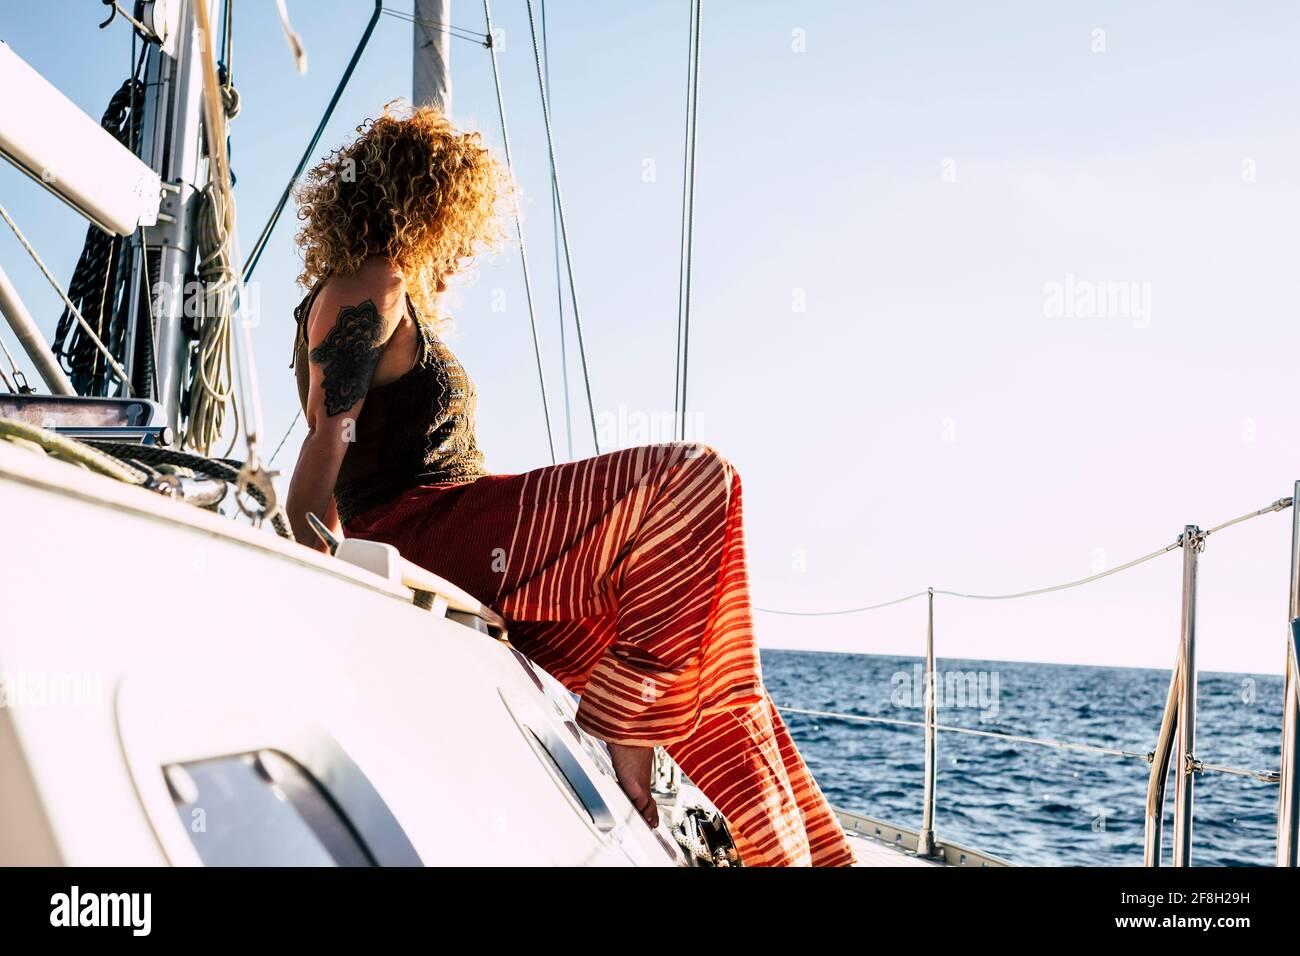 Une jeune femme se détend et fait une excursion en voilier vacances d'été - des femmes assises sur le yacht terrasse regardant l'horizon avec b Banque D'Images